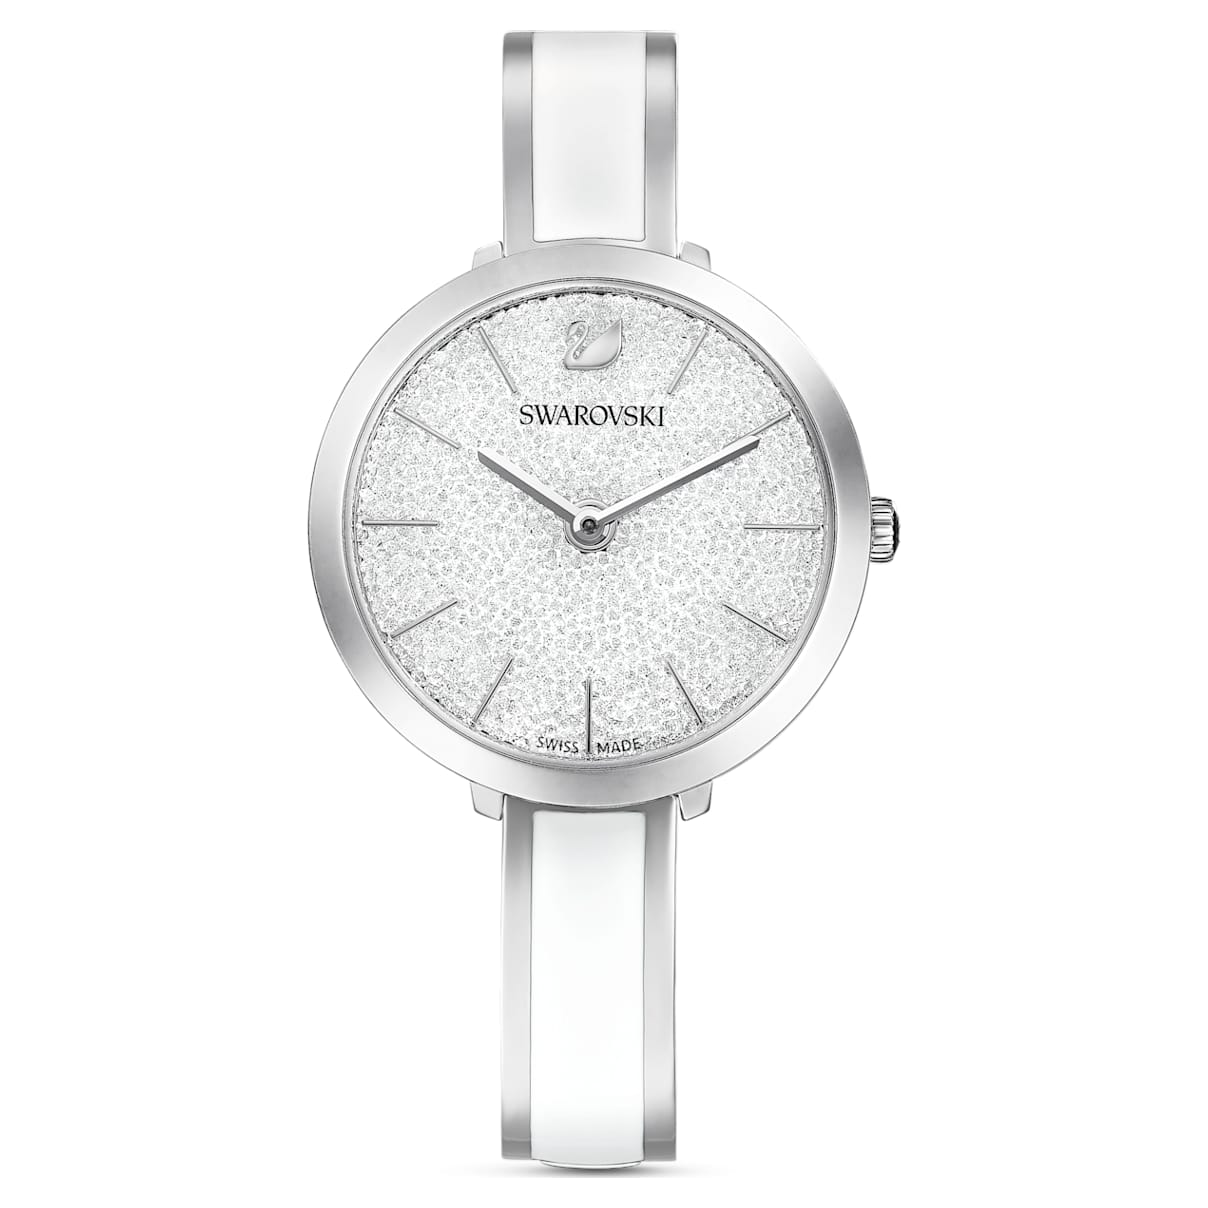 Orologio Crystalline Delight, bracciale di metallo, bianco, acciaio inossidabile